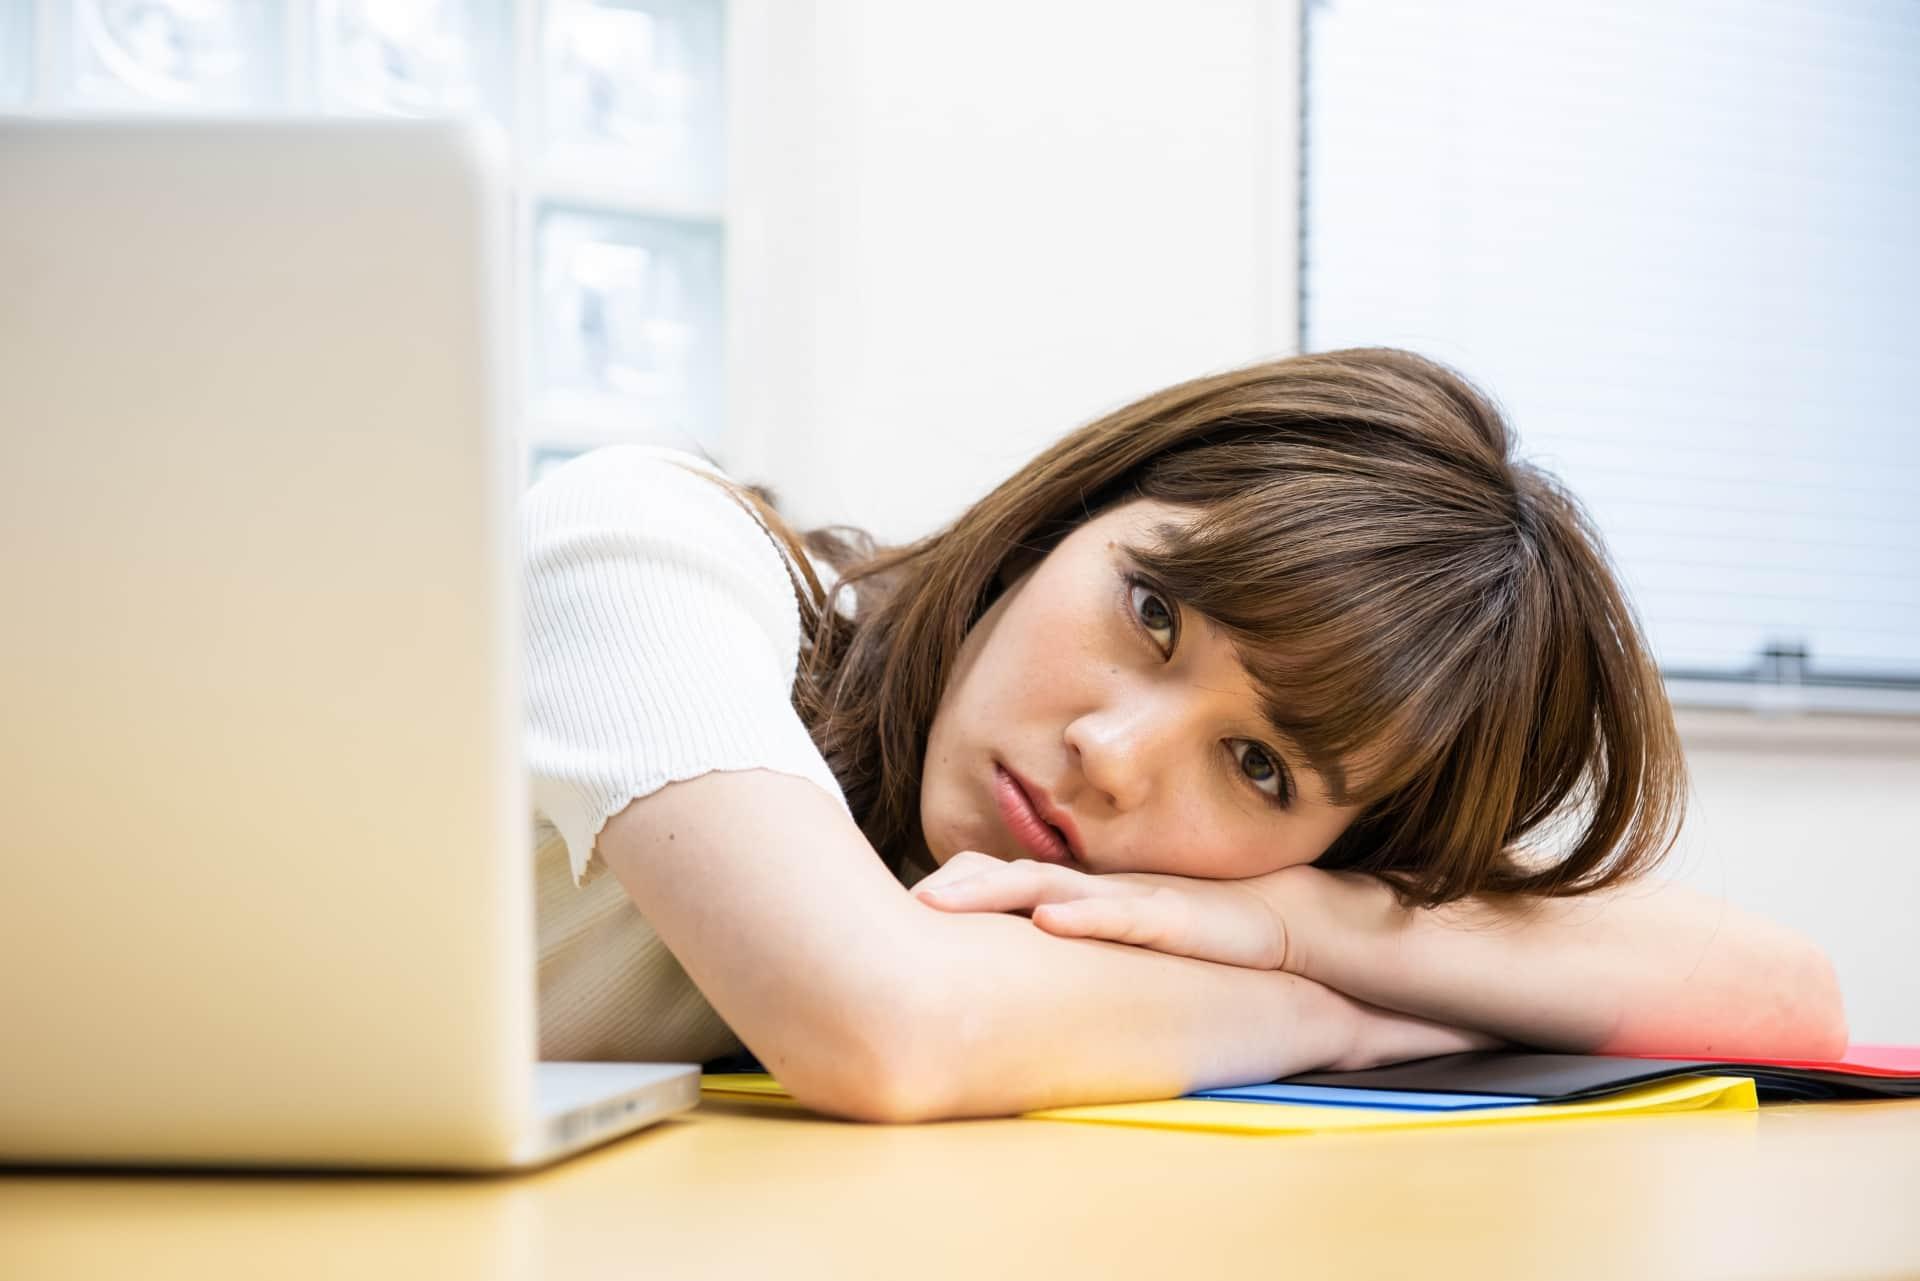 仕事に疲れたと感じたら転職するべき?~自分が疲れたと感じる理由とは~